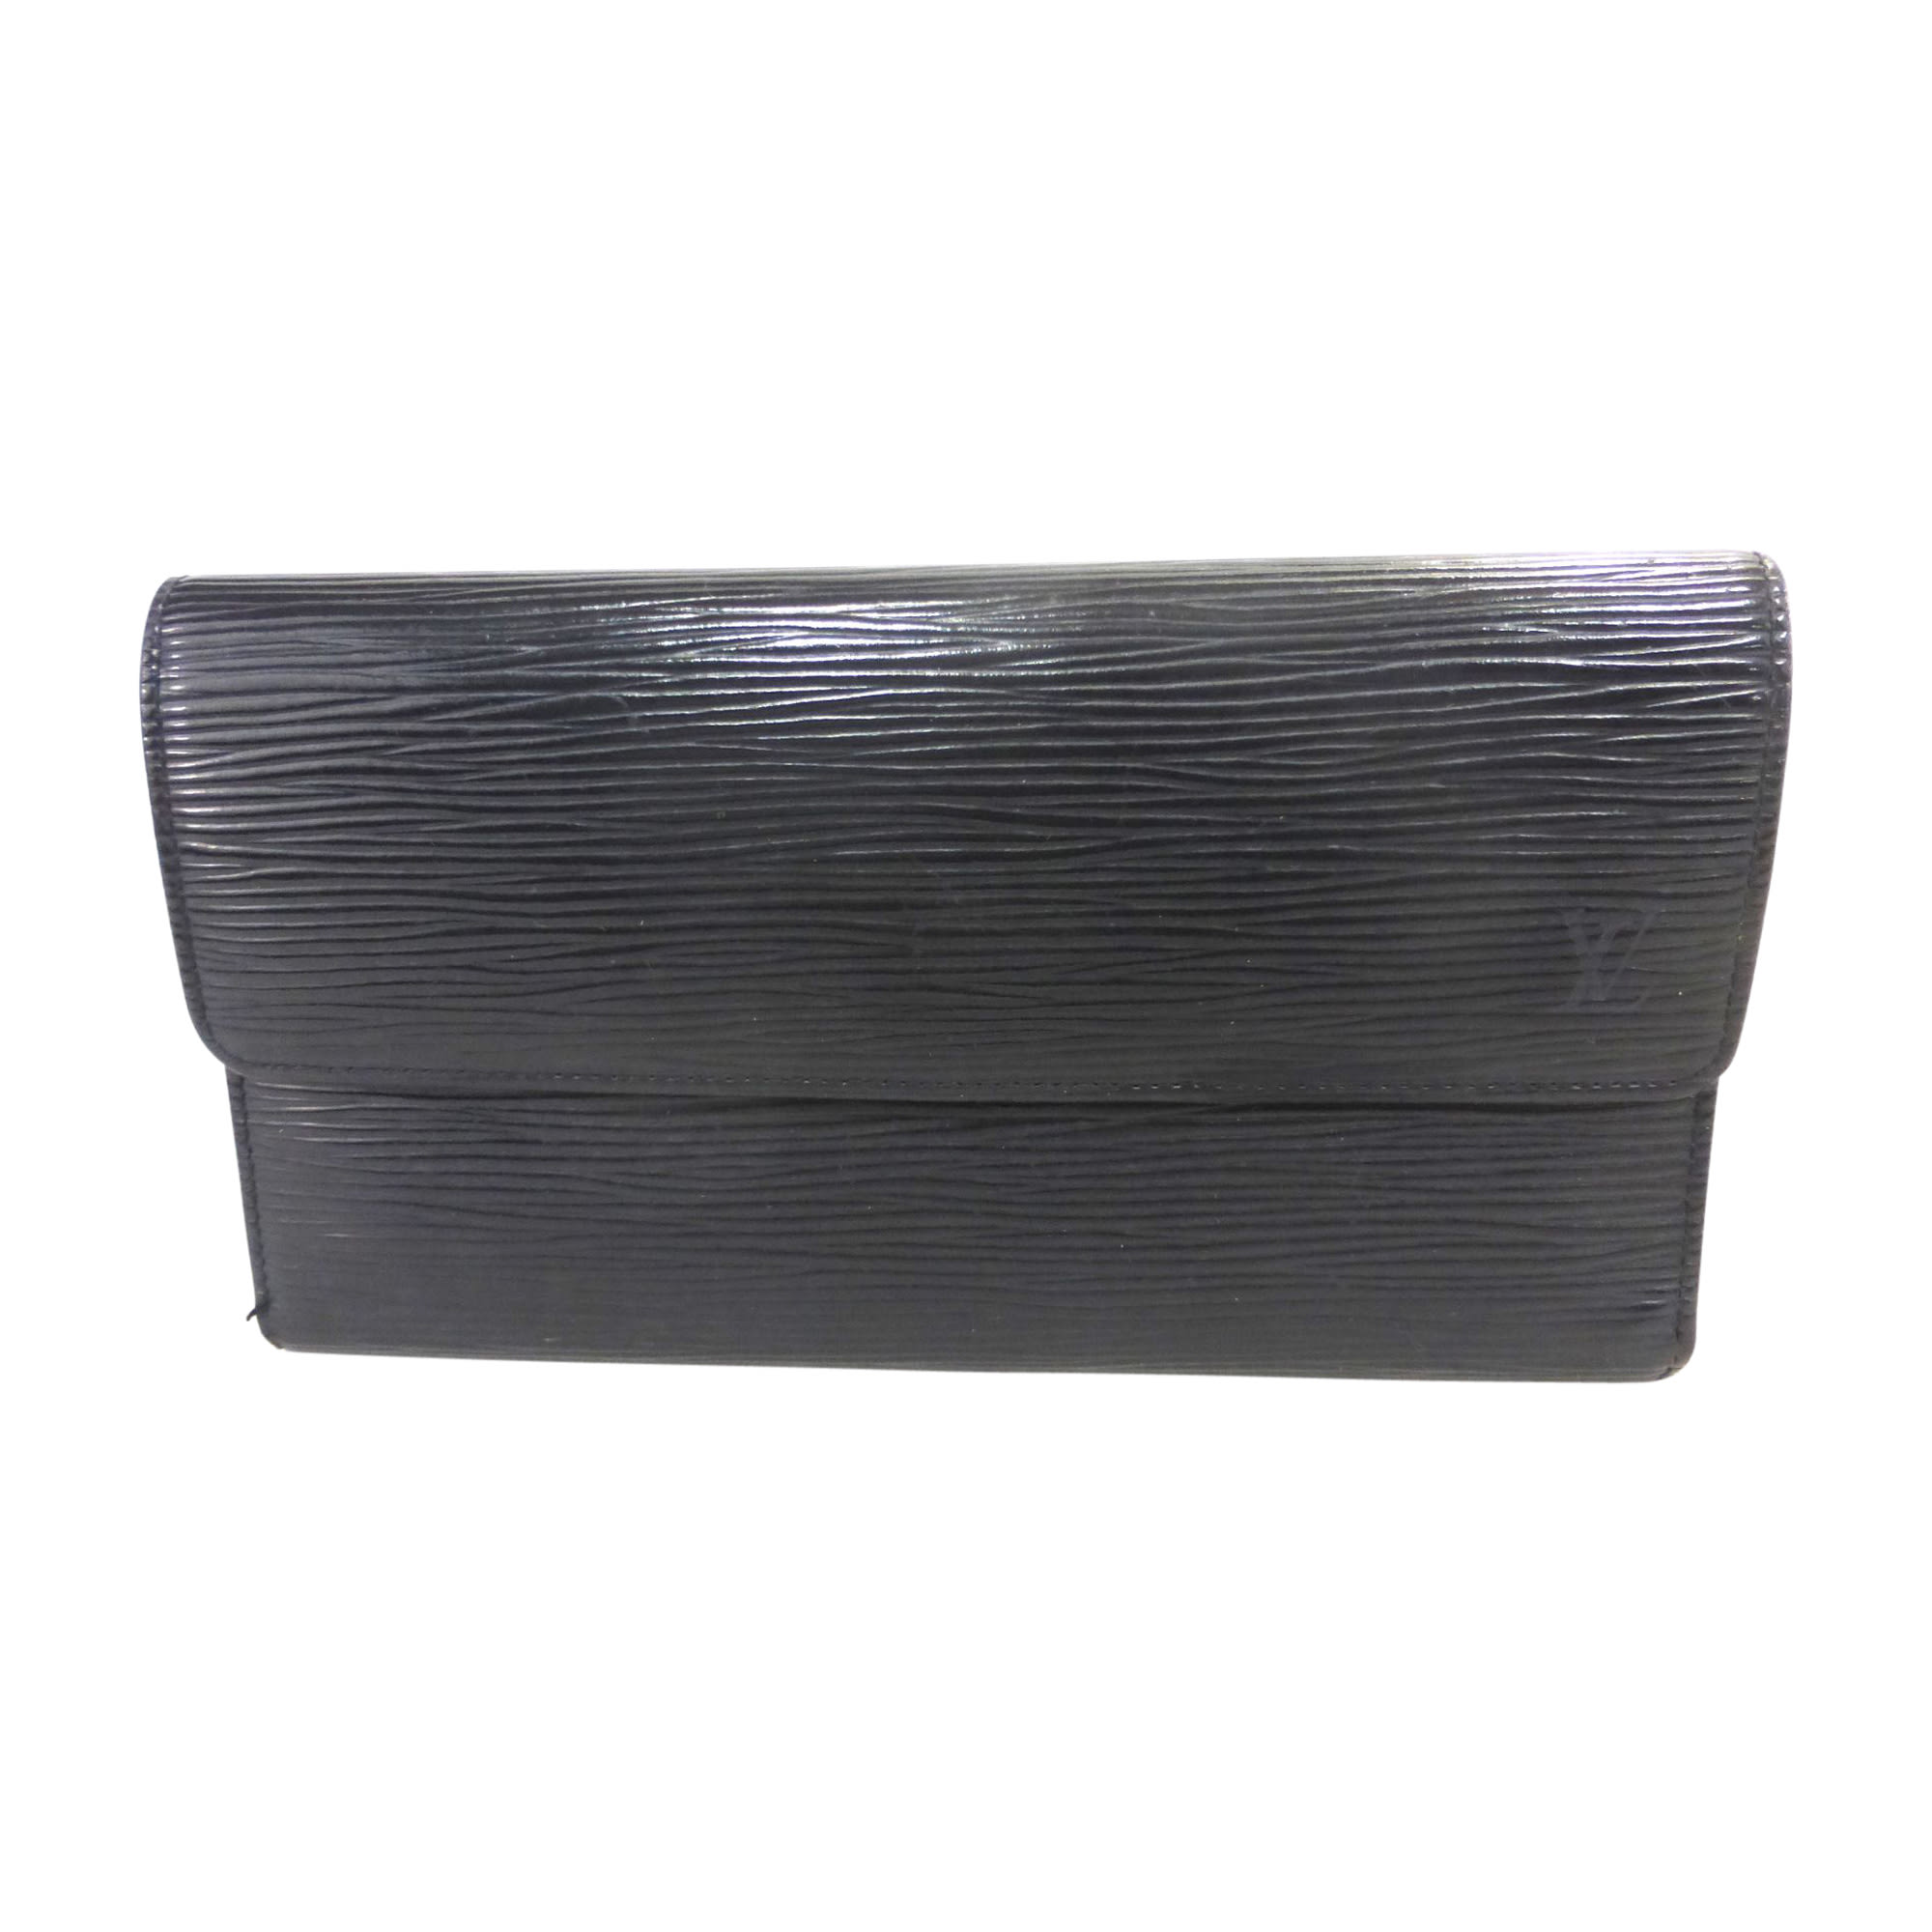 Portefeuille LOUIS VUITTON noir vendu par Bibag - 8368924 29b7a56a84c